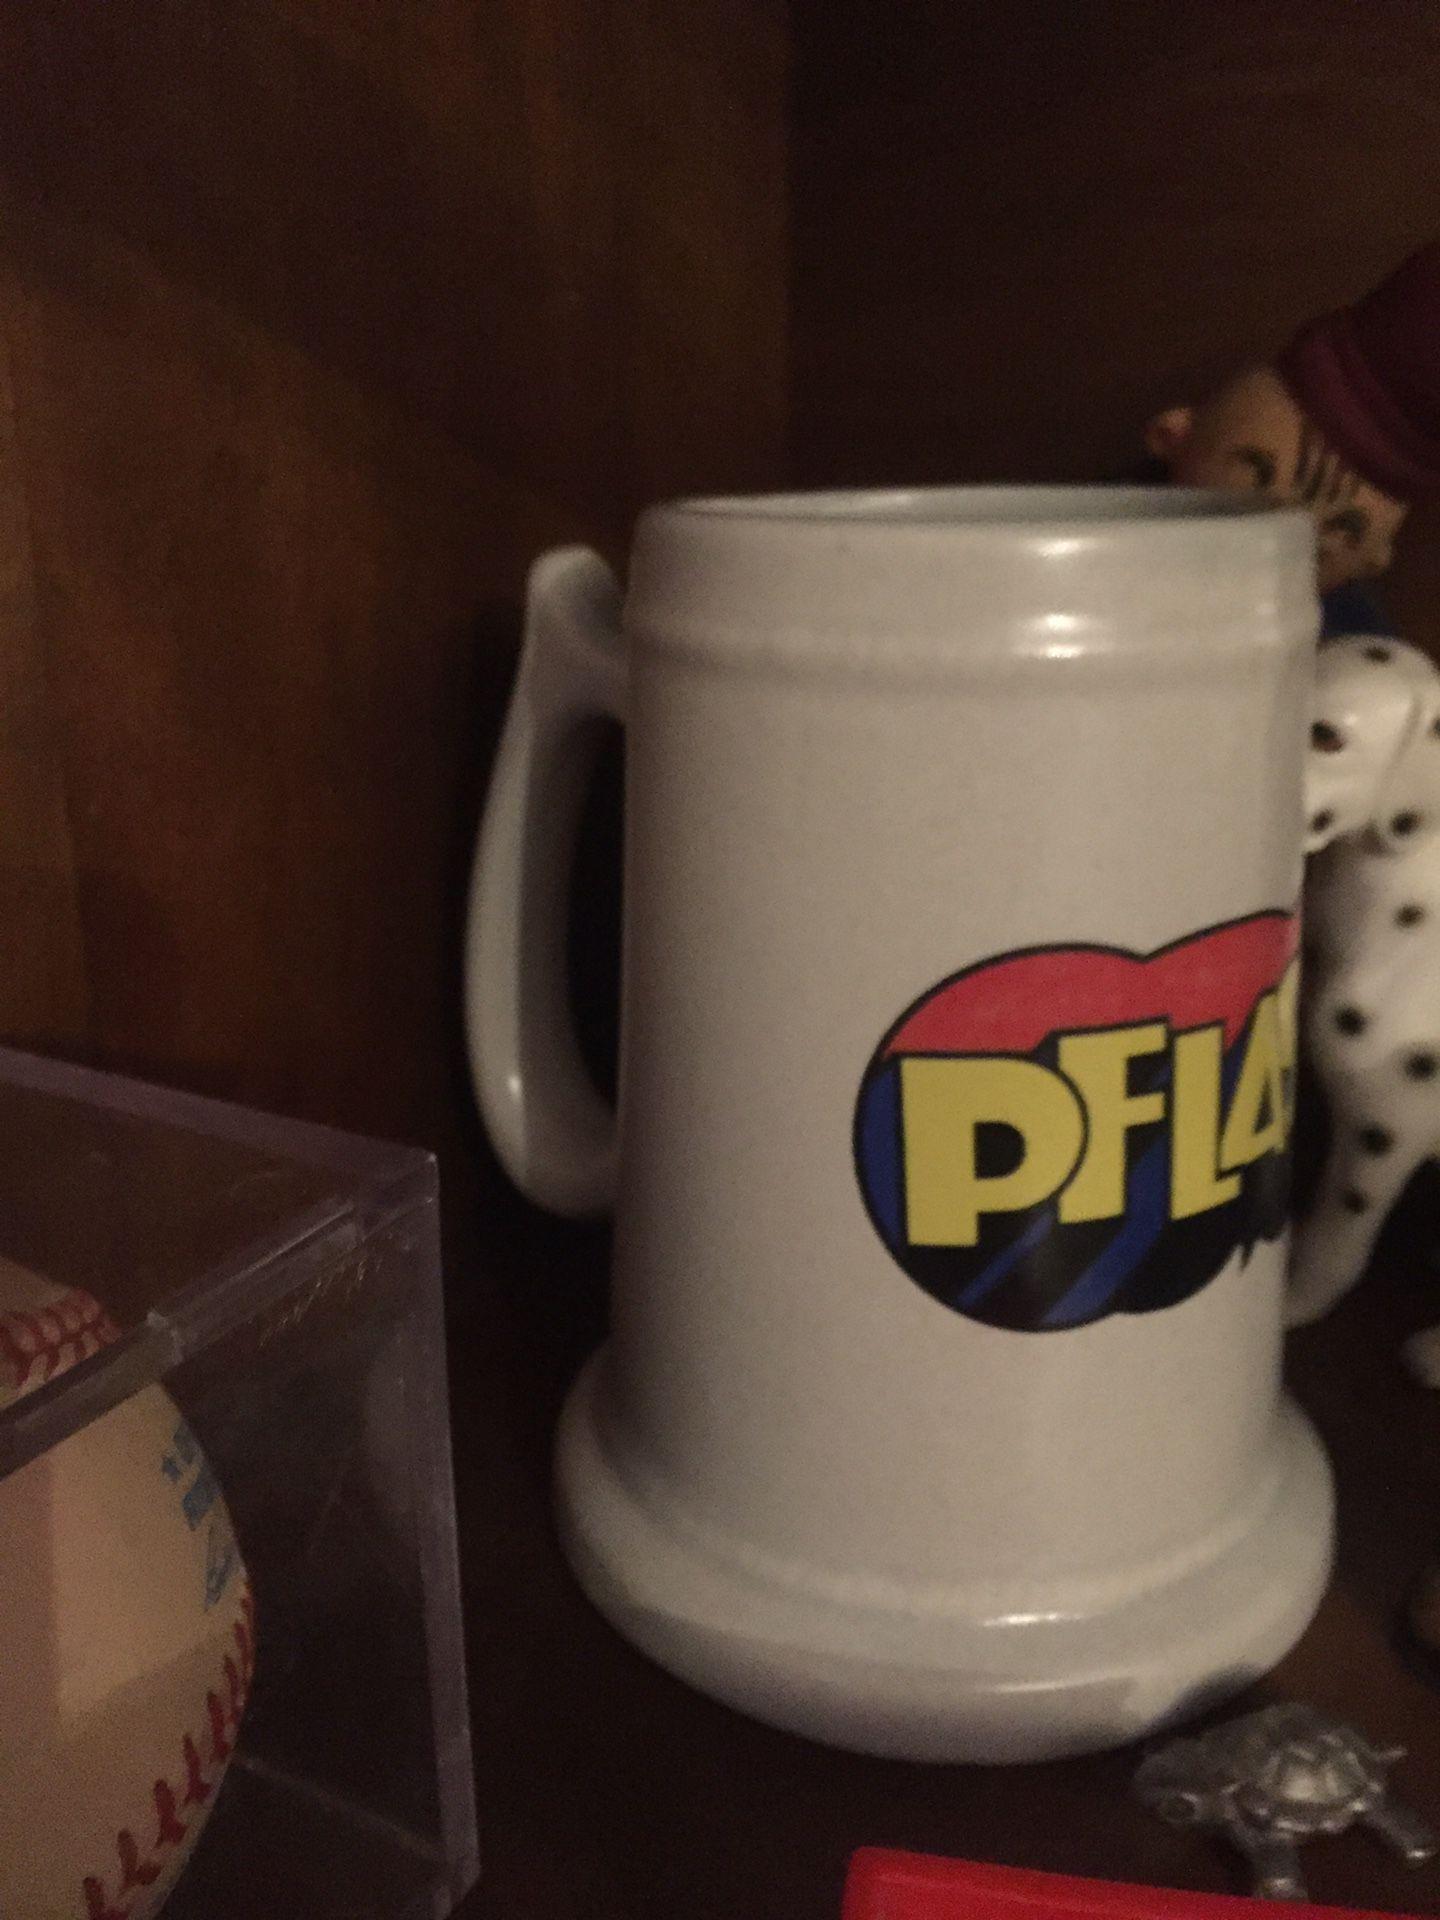 Pflash vintage beer mug